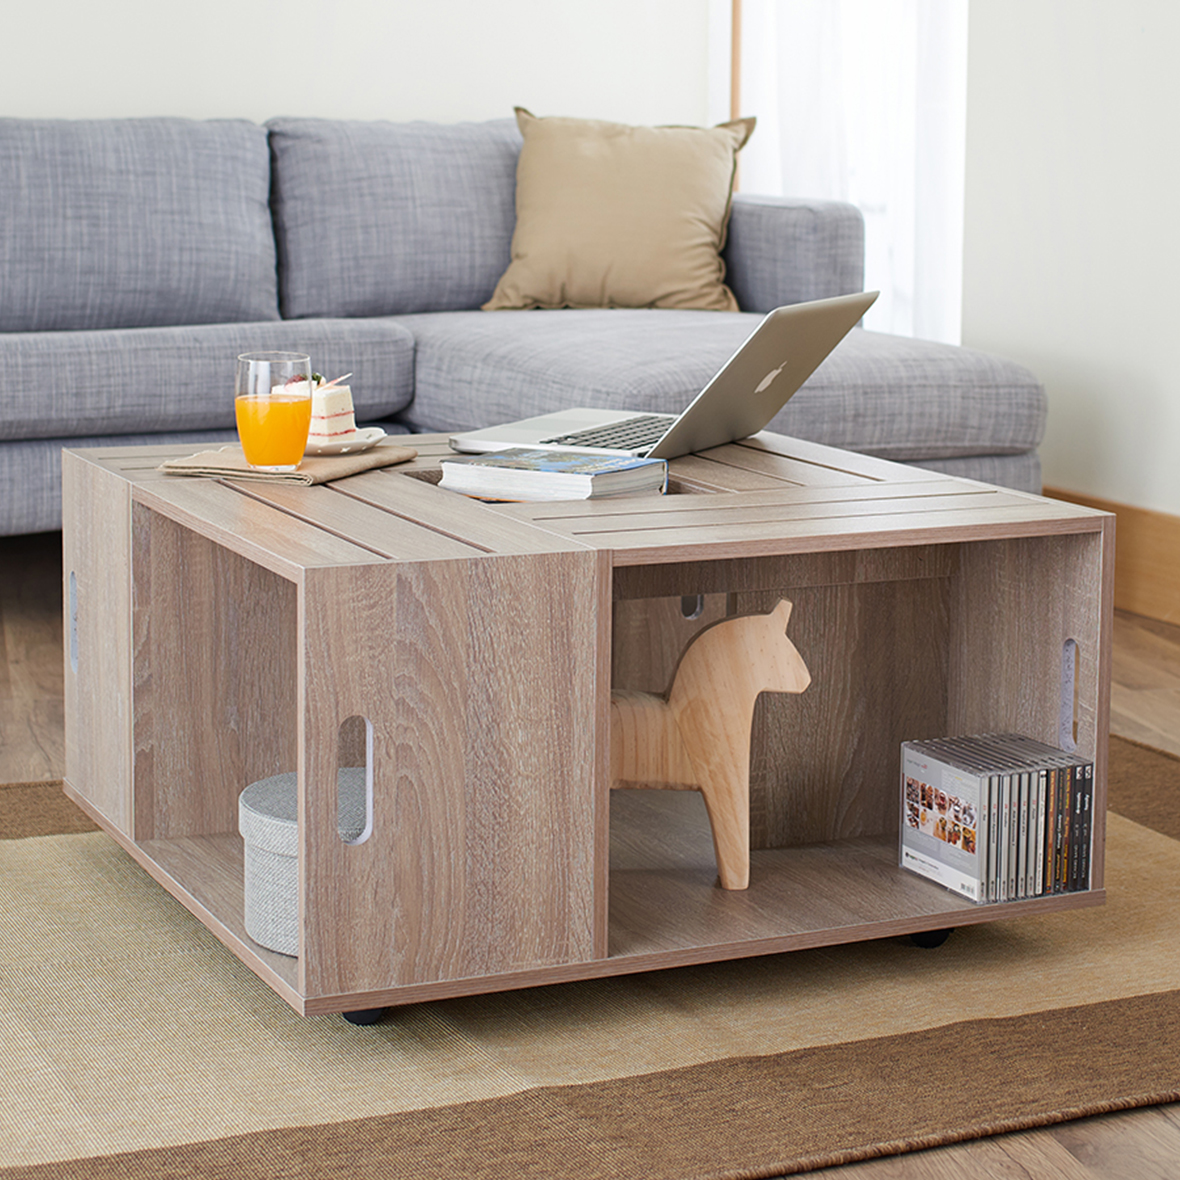 Mesa cuadrada con rueda | Fabricantes de muebles para el hogar ...